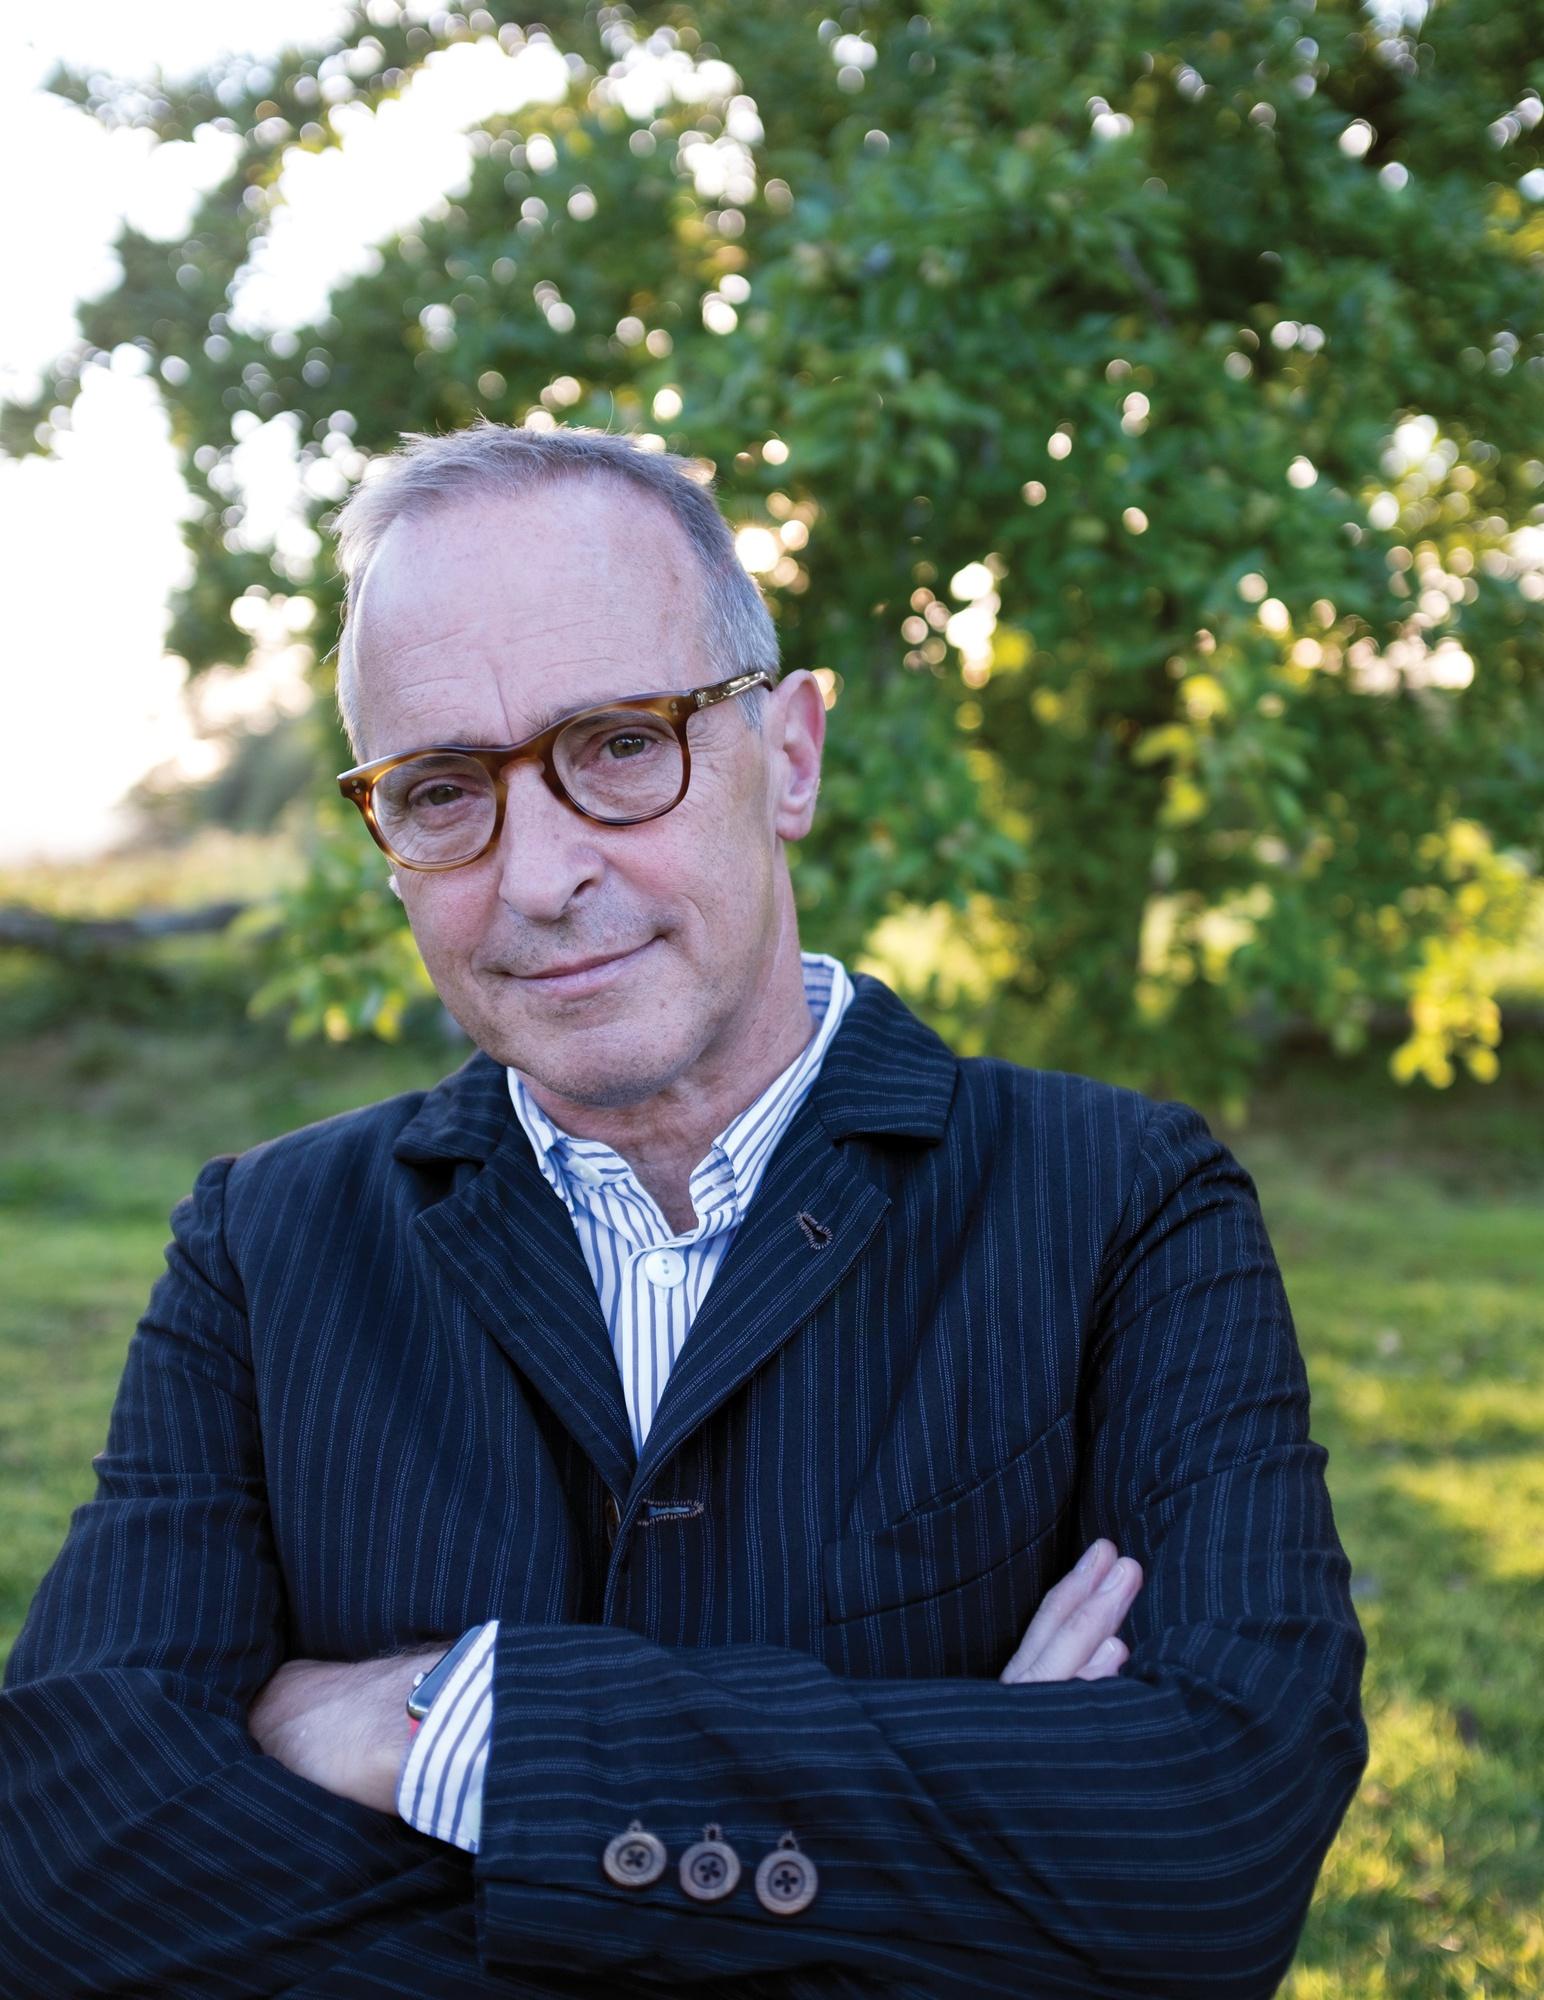 AEG Presents   David Sedaris